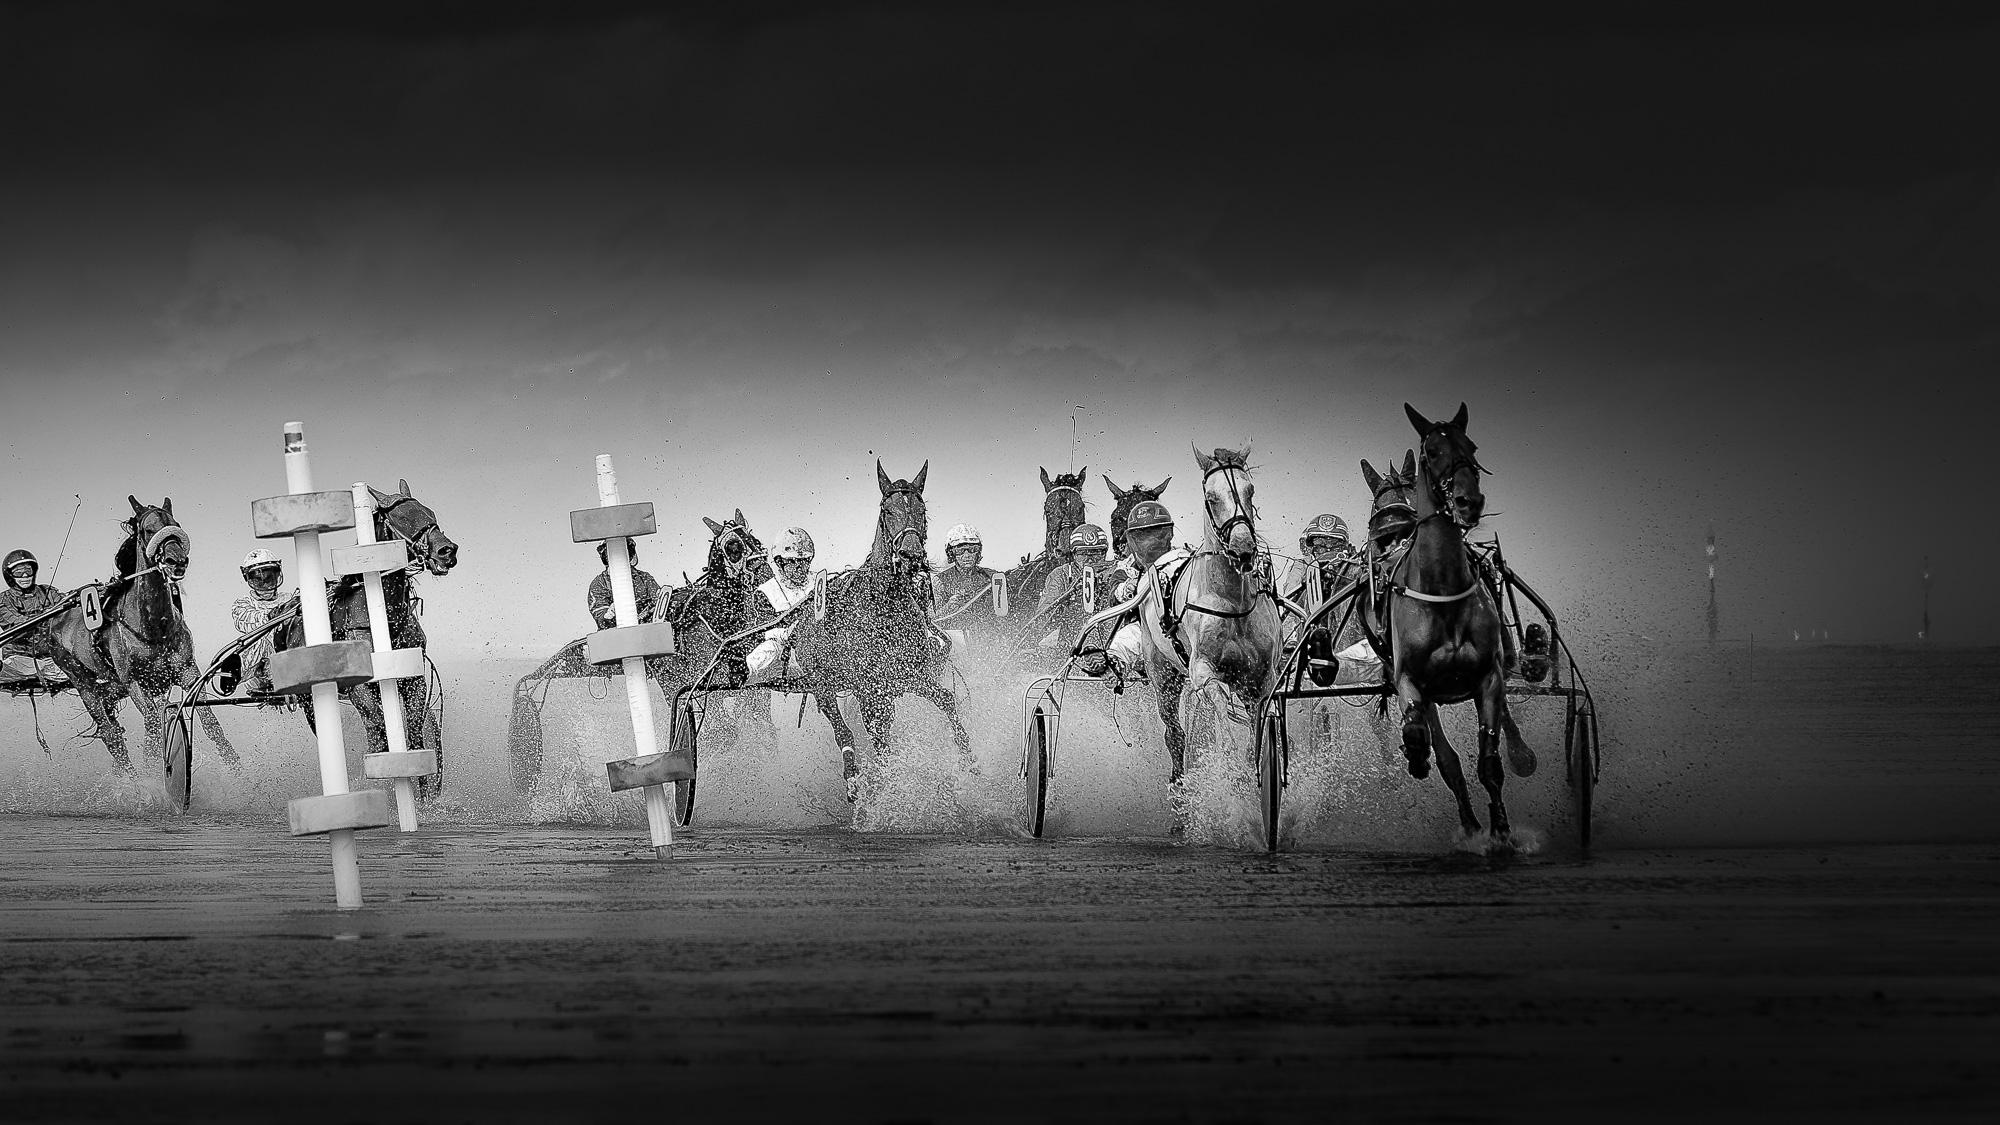 Duhner Wattrennen  -   All images: © Klaus Heuermann  -